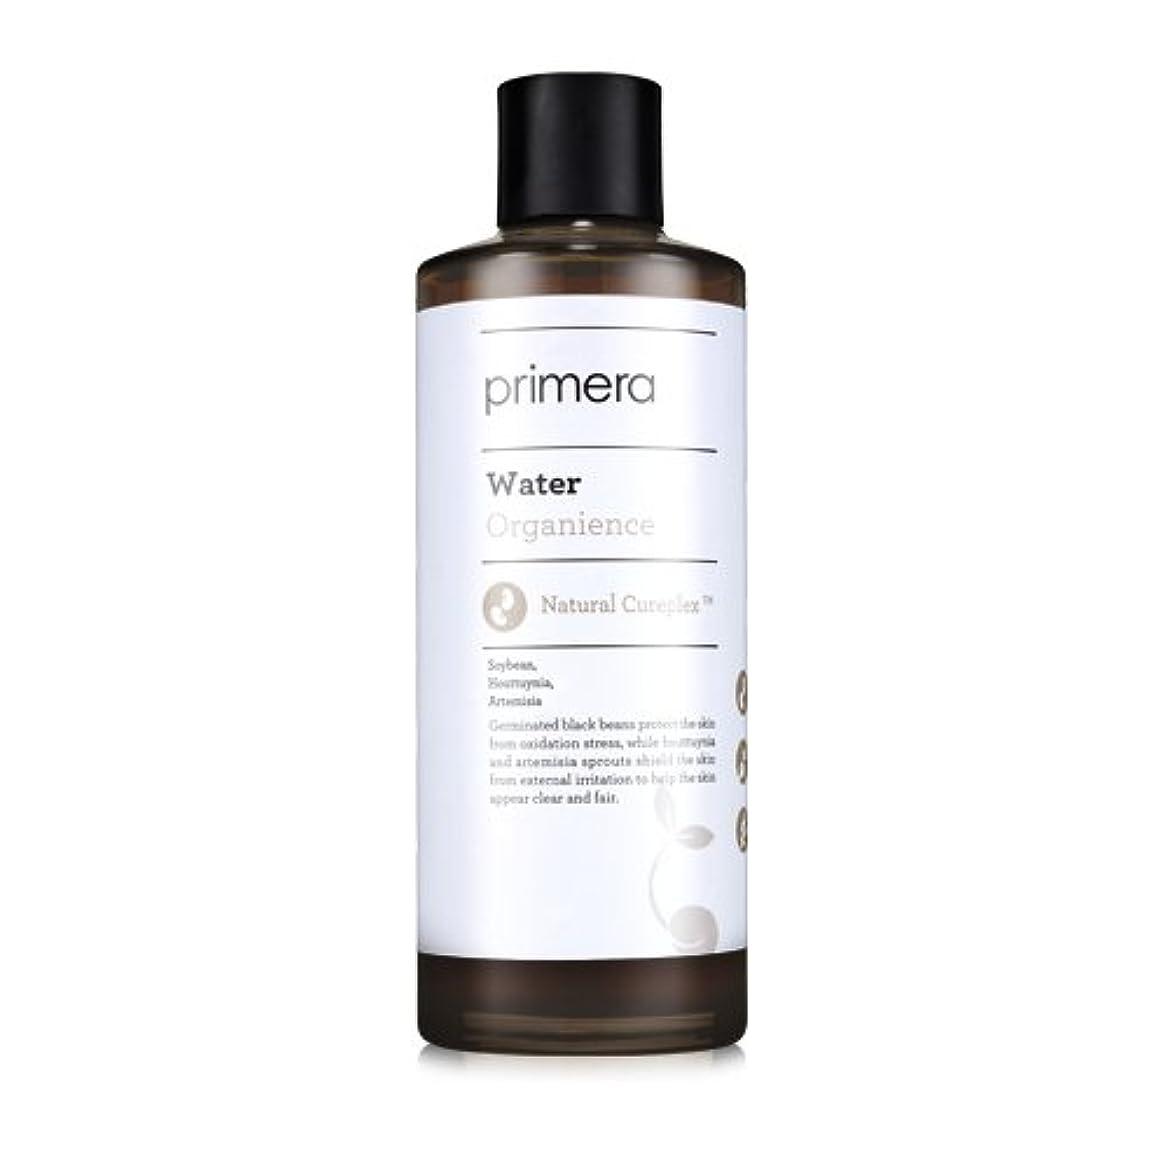 使役トレース委員会PRIMERA プリメラ オーガニエンス エマルジョン(Organience Emulsion)乳液 150ml